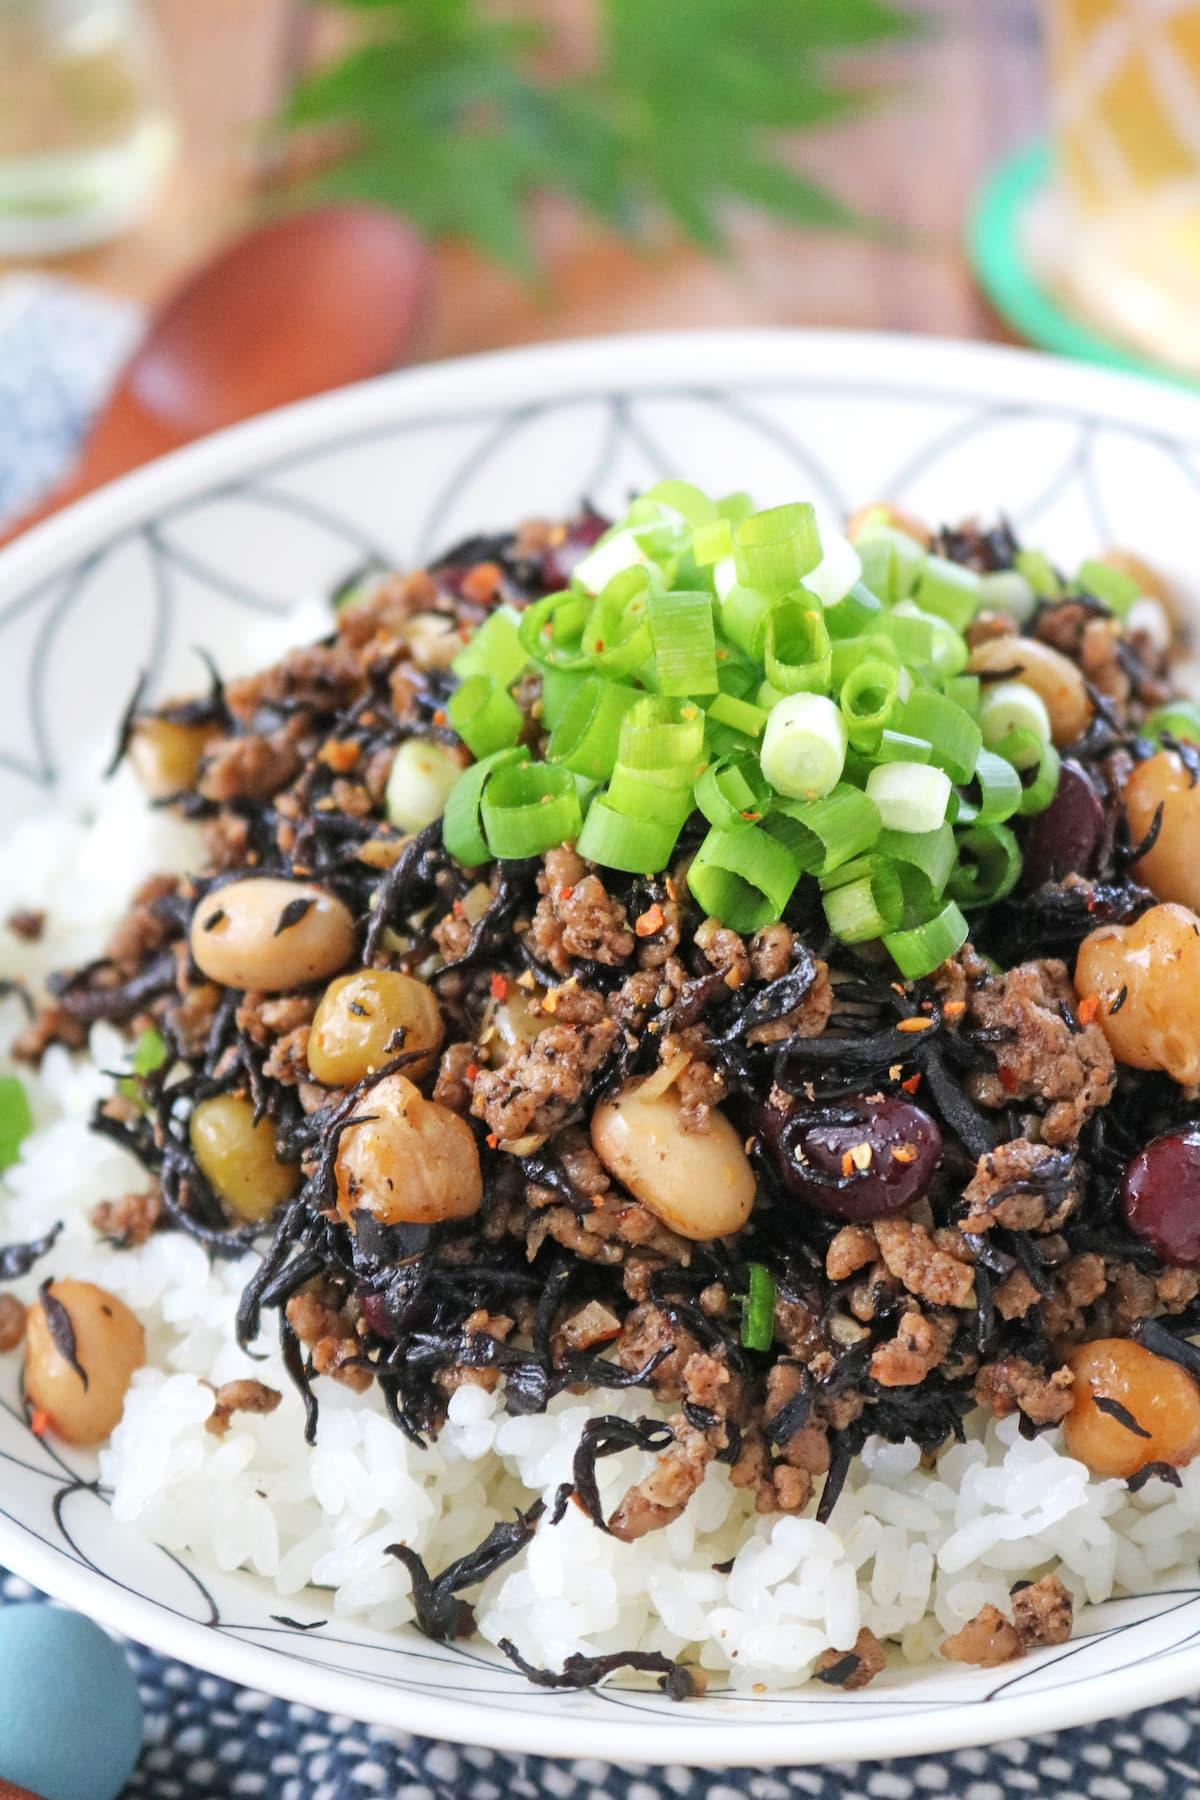 ひき肉とお豆の中華風ひじき炒めどんぶり